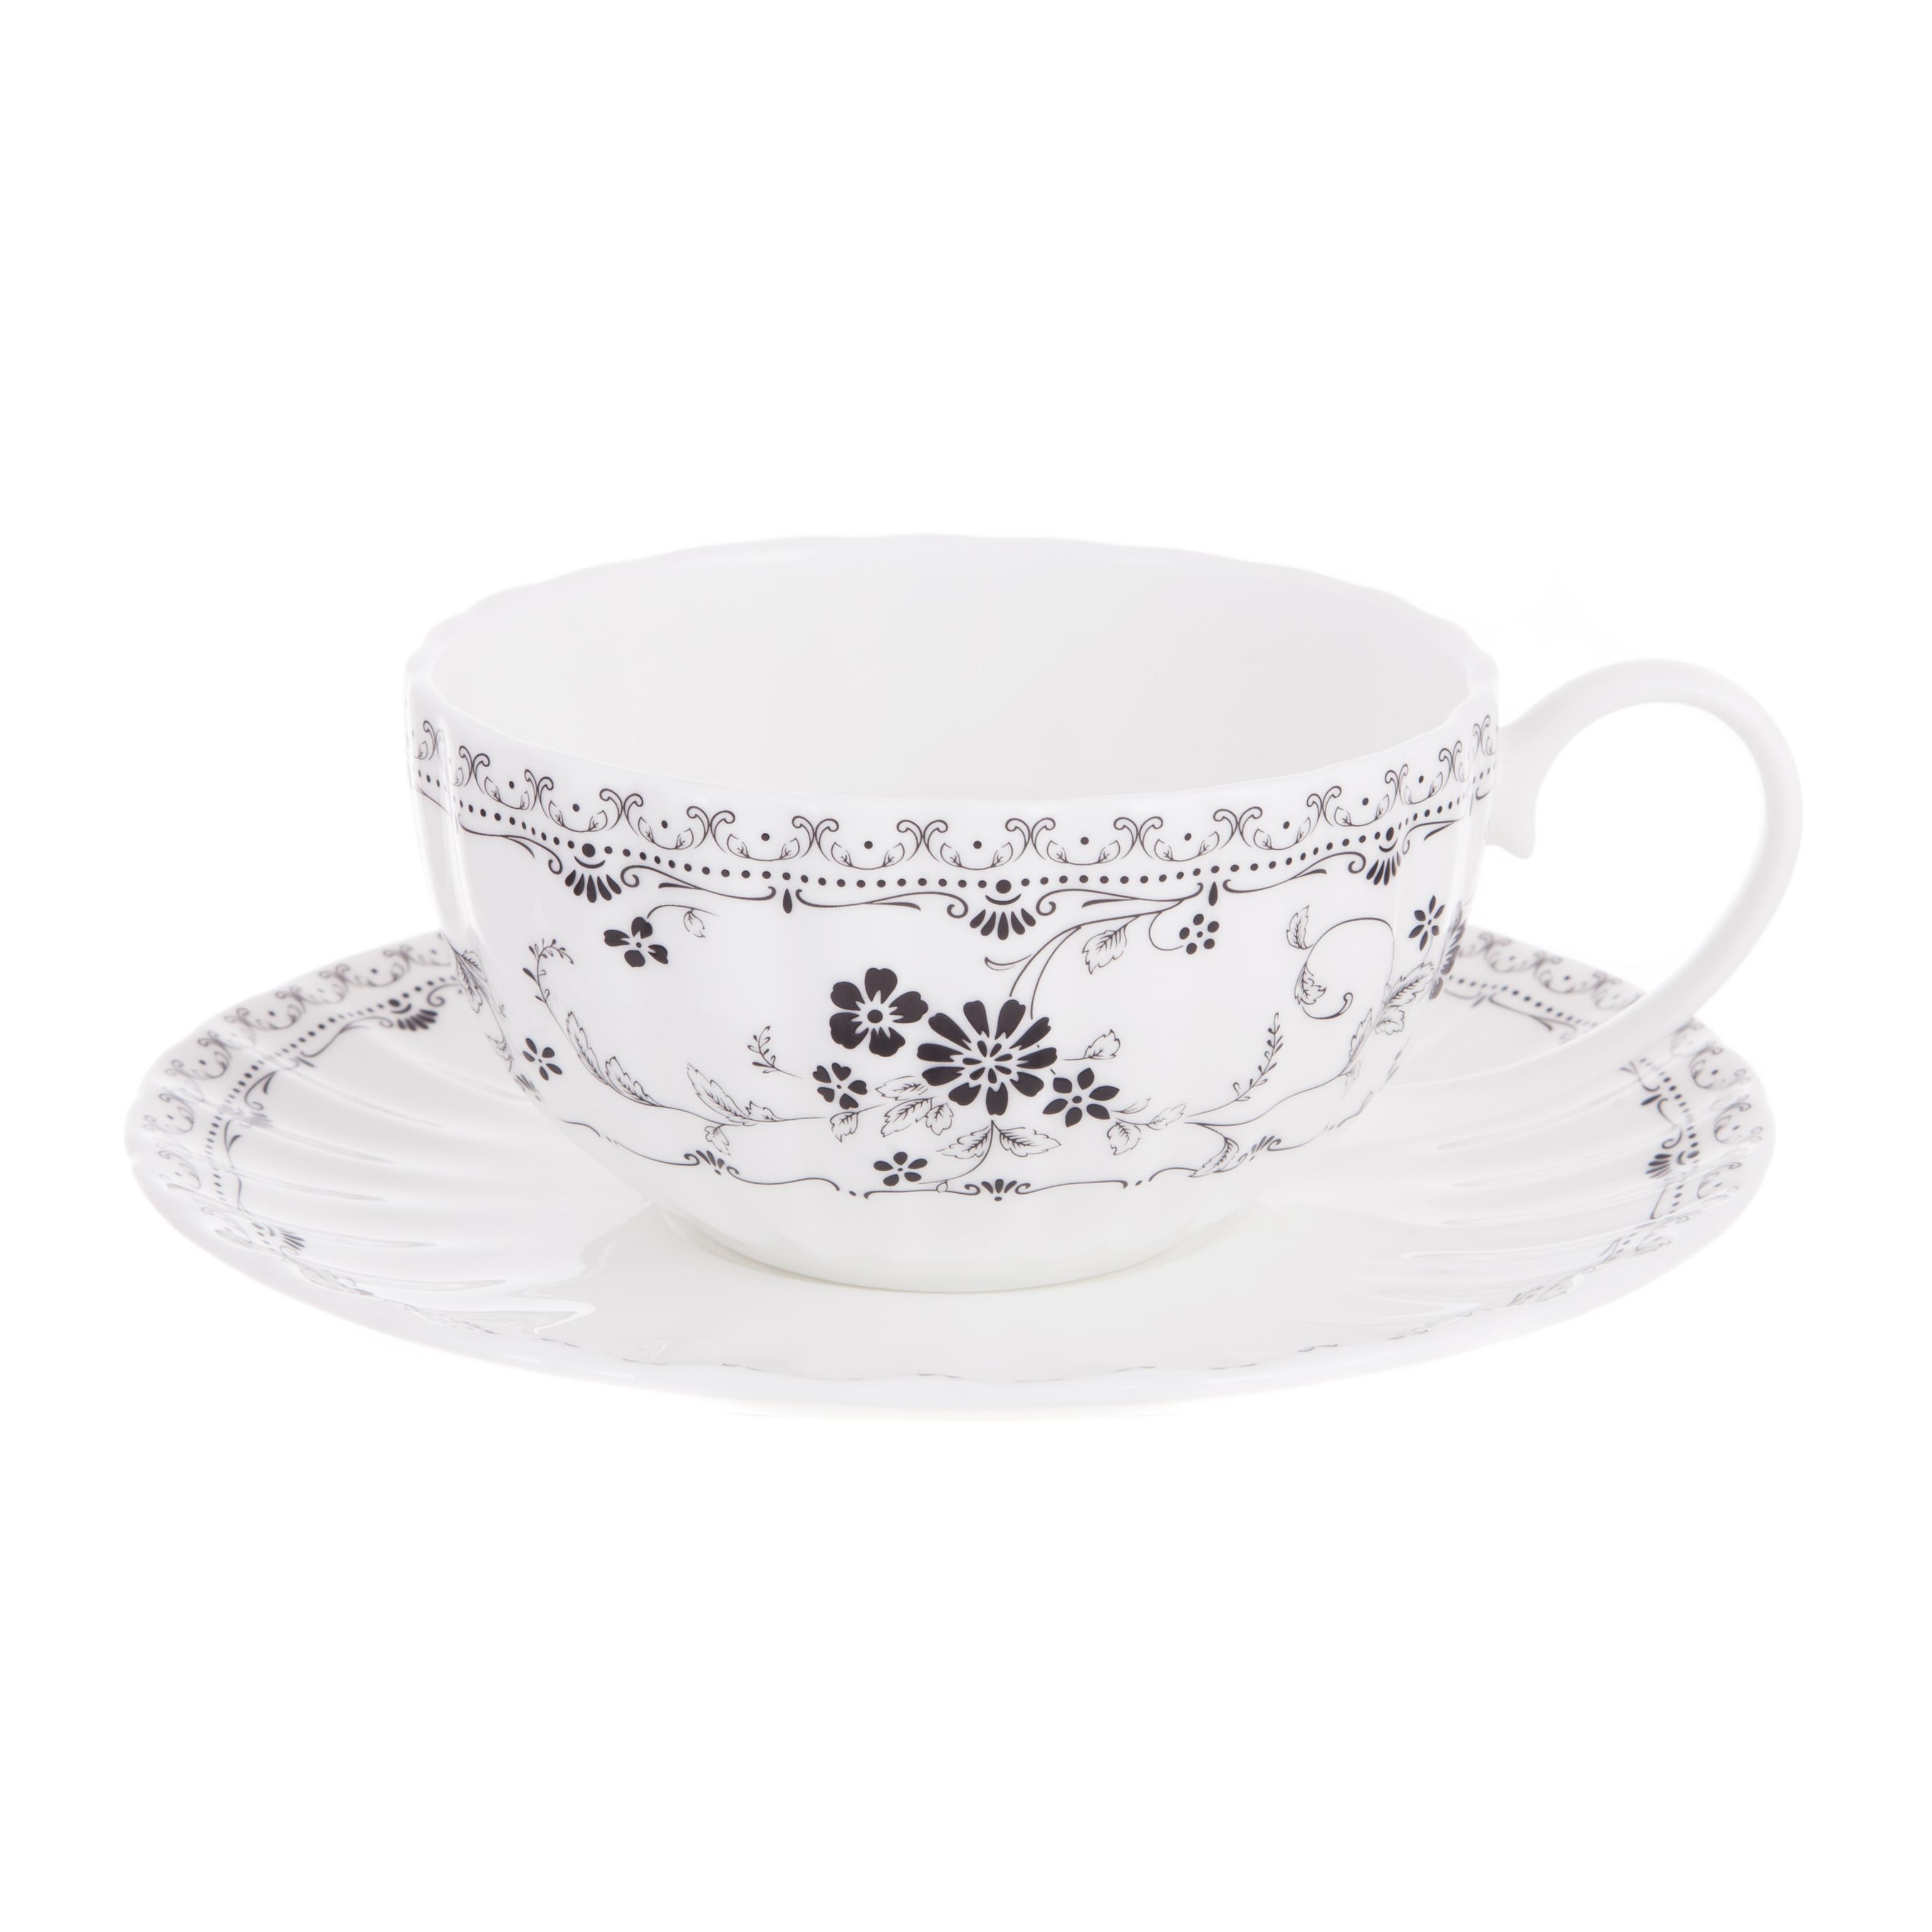 Чашка чайная 370мл с блюдцем дэйзи блэк Hatori Н 1132000 /12879